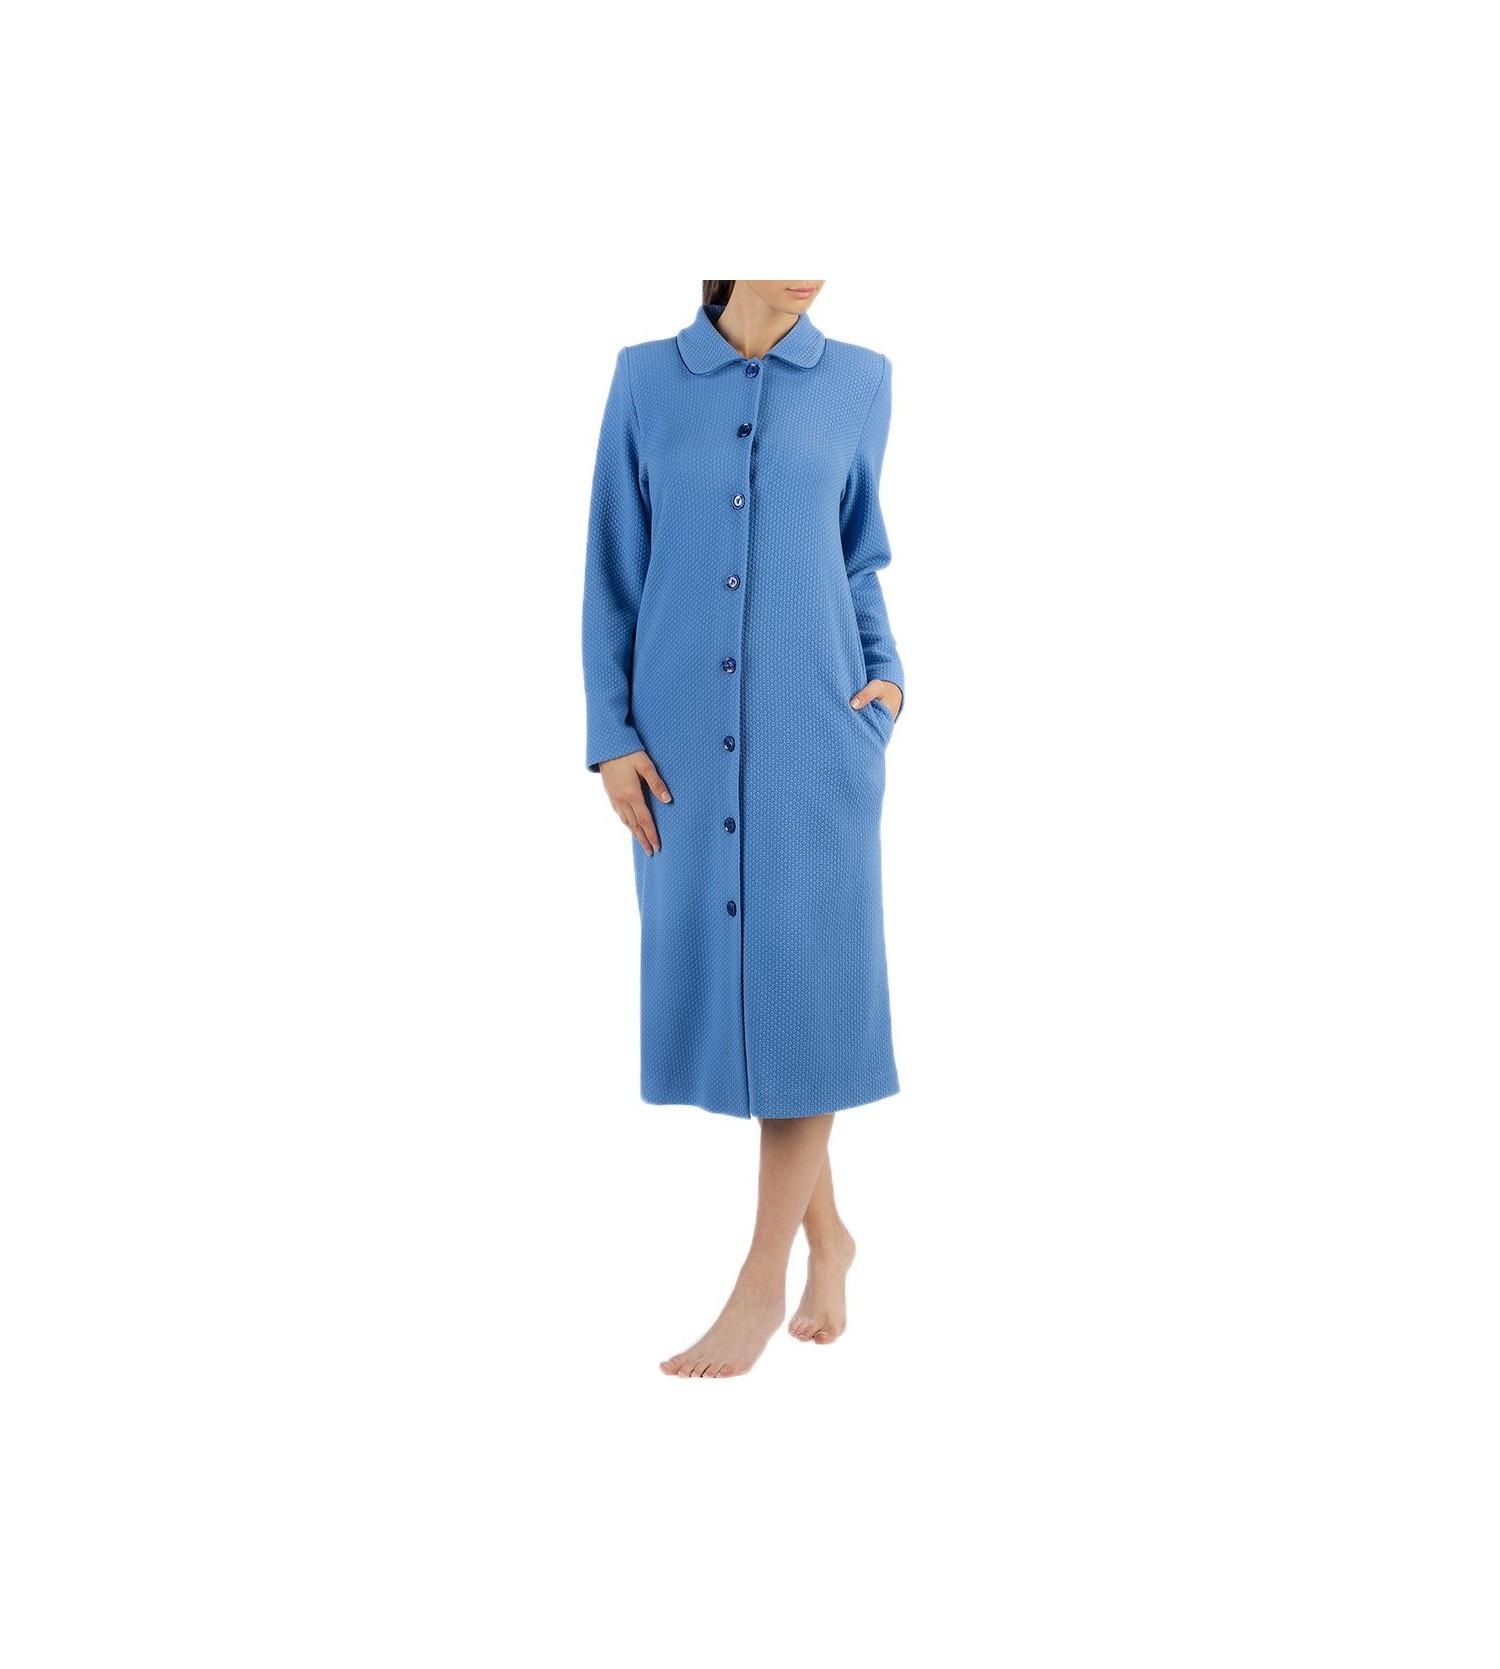 Robe boutonn e pour femme bleu egatex lingerie sipp - Robes de chambre de marque ...